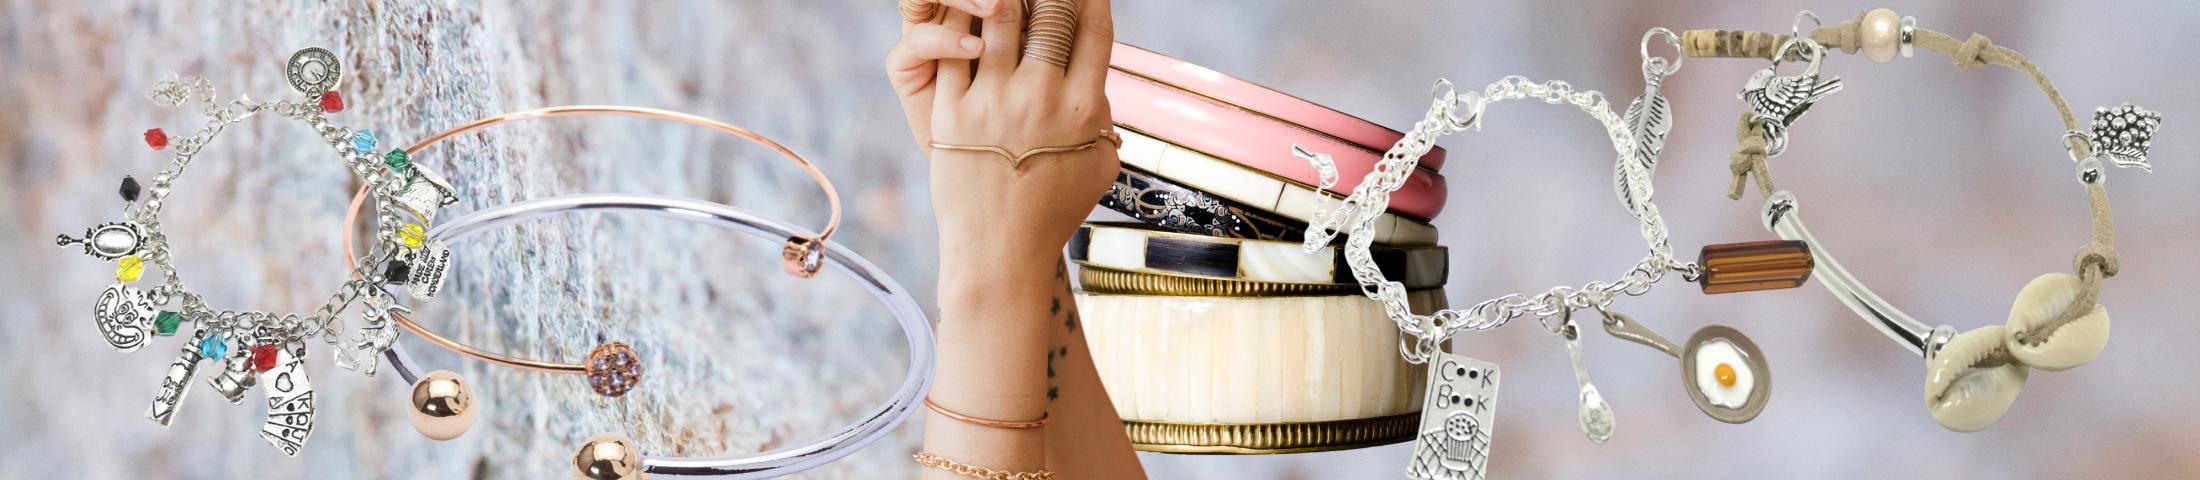 new armbanden op skwairoot